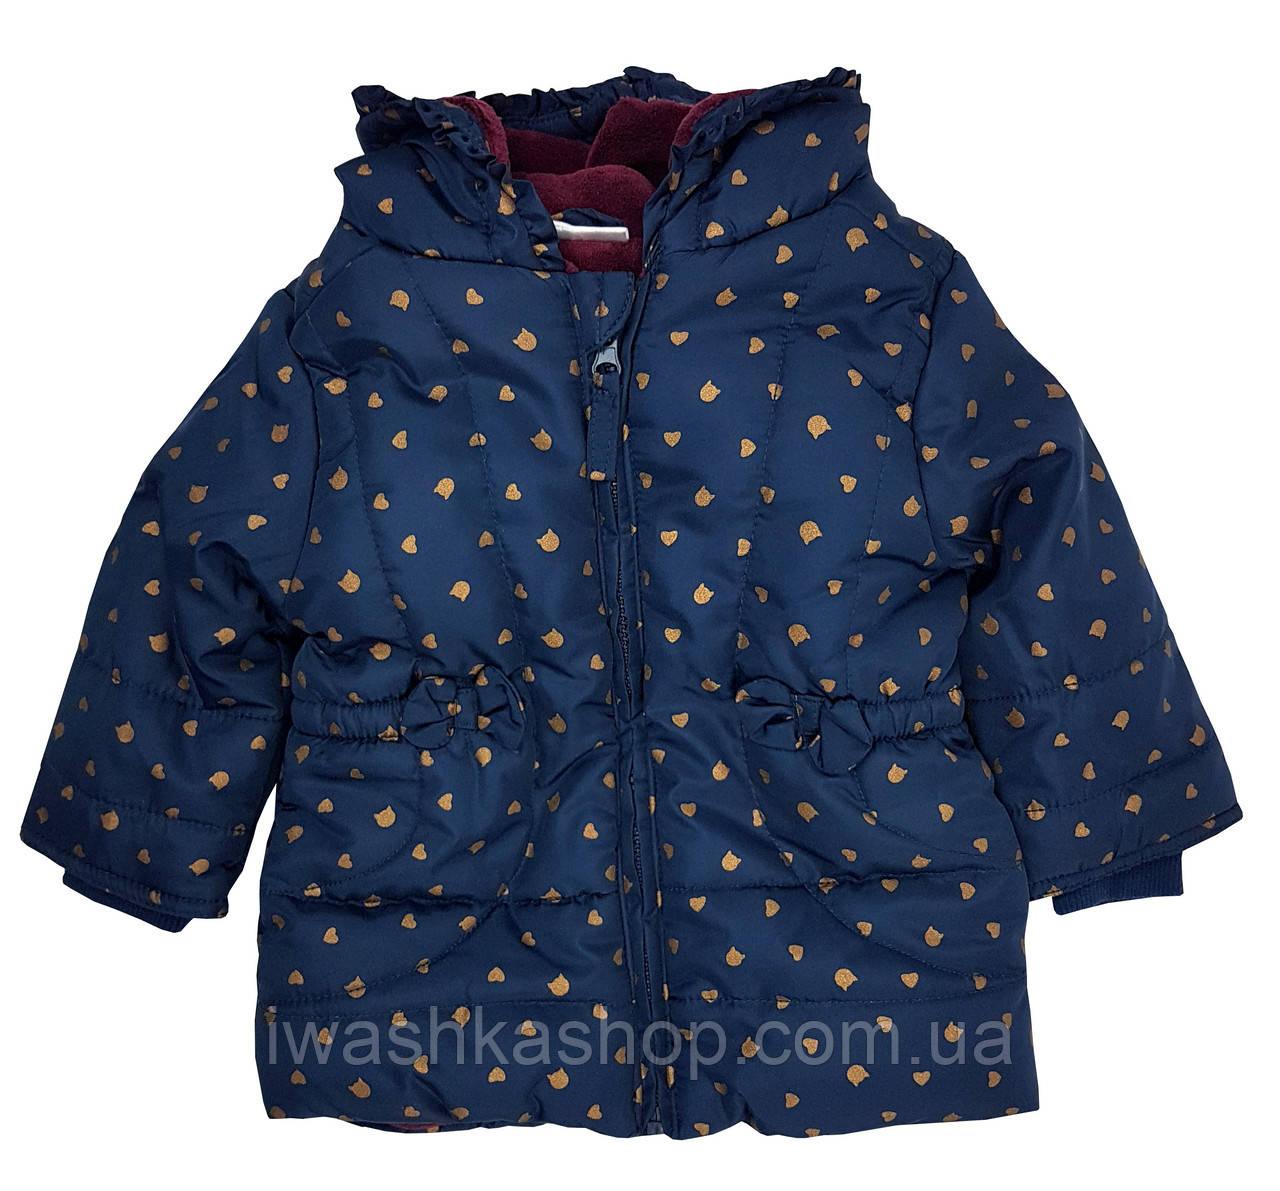 Теплая синяя куртка еврозима на девочку 9 - 12 месяцев, размер 80, Ergee, Германия